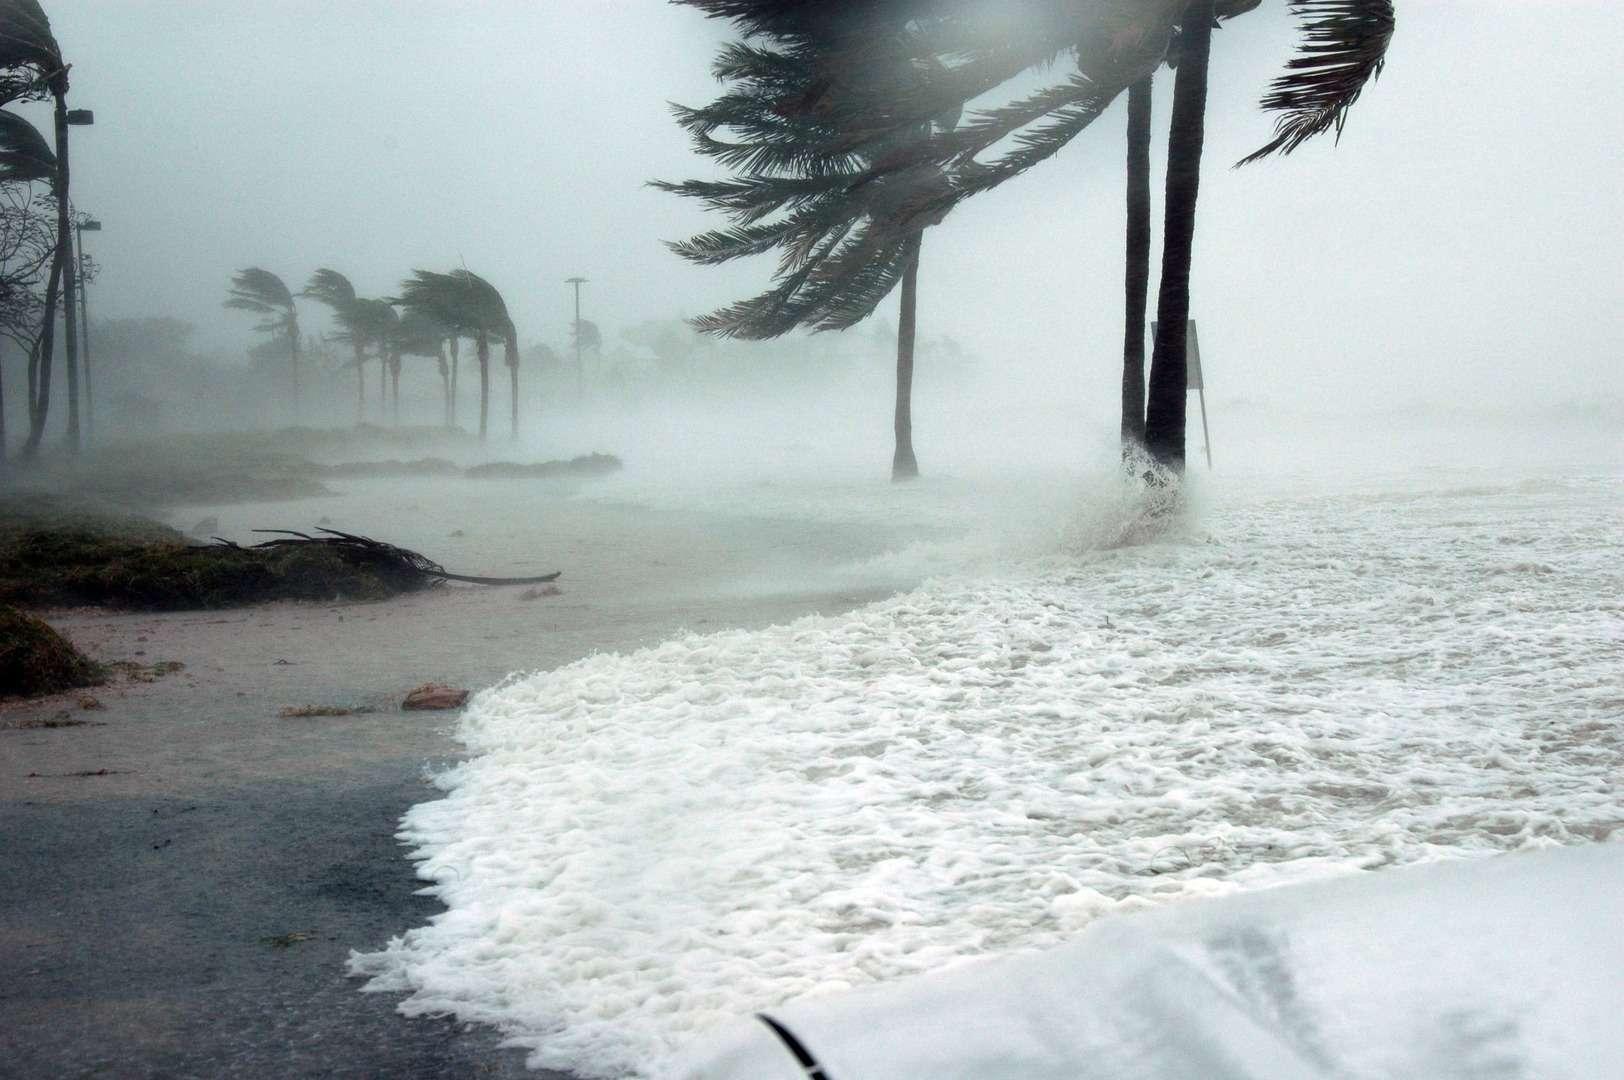 Les fortes vagues et les vents violents se sont renforcés depuis 1985, de façon plus marquée pour l'océan Austral, accroissant les risques de submersion pour les côtes de l'hémisphère sud. © DP